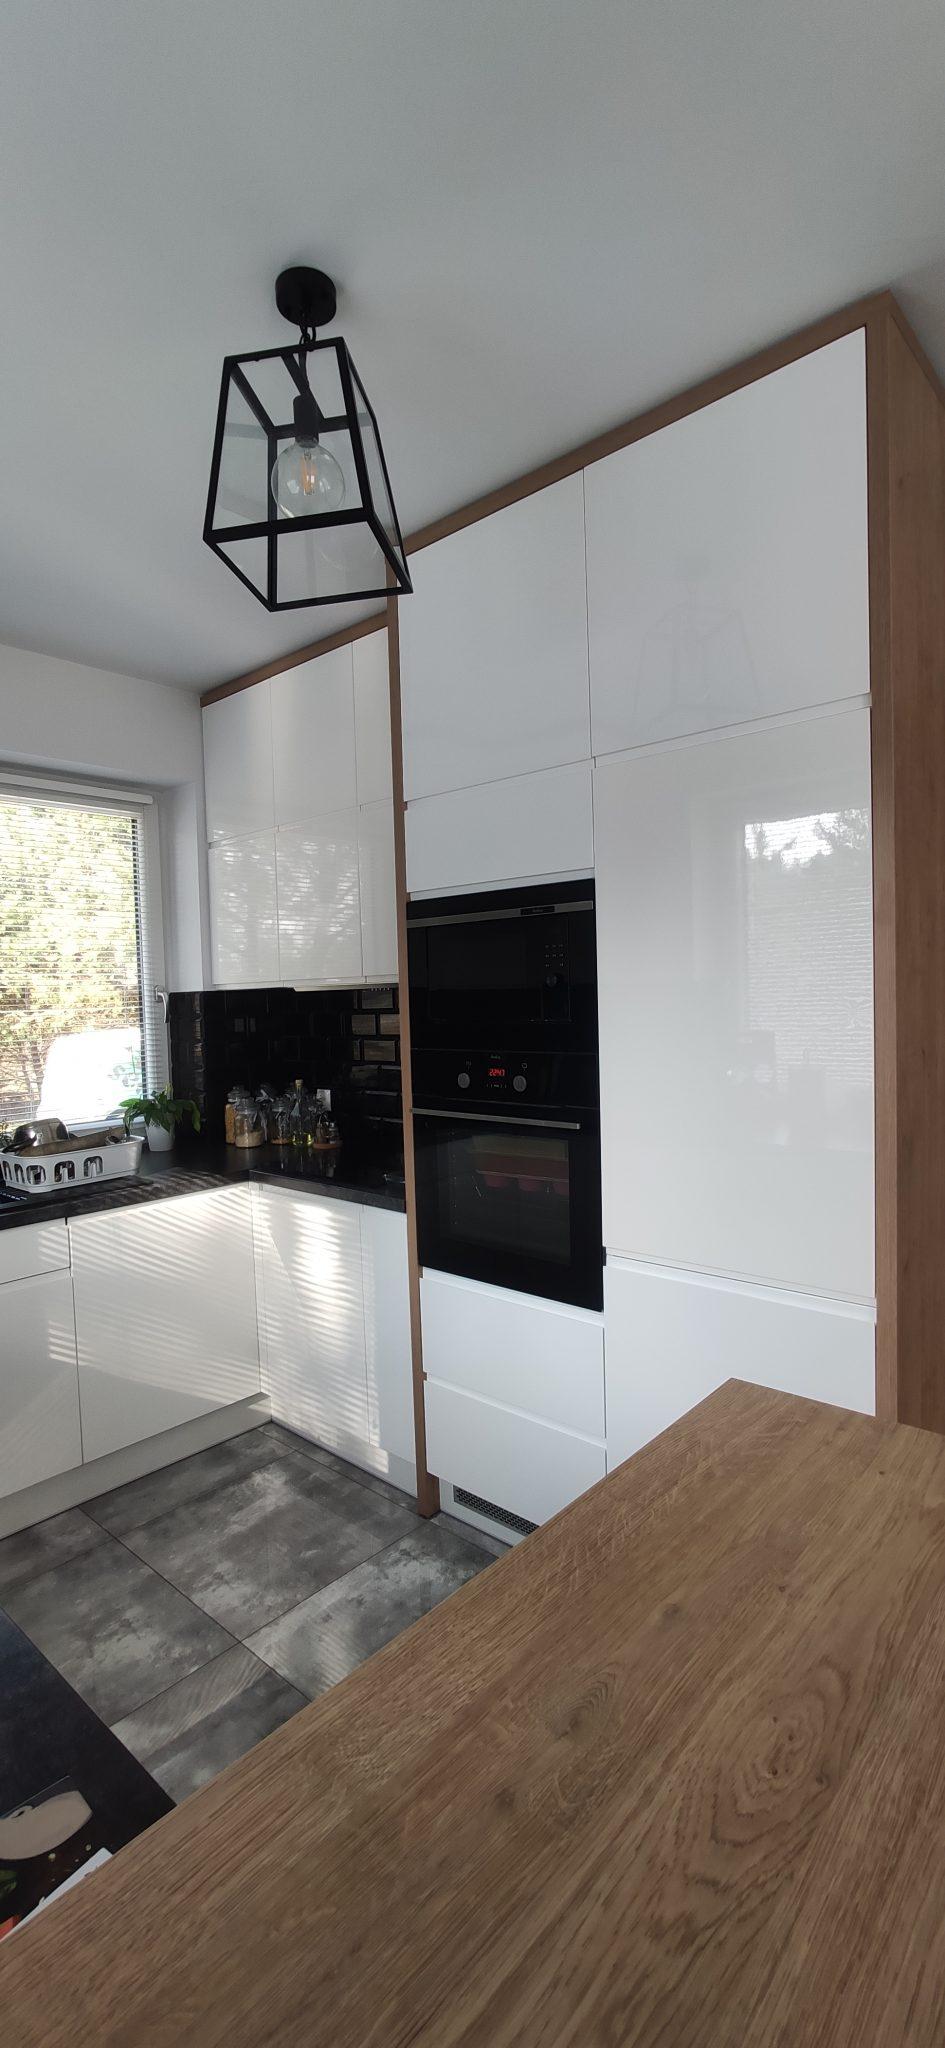 Sekwoja Dębica - Nowoczesna kuchnia dominująca bielą z dodatkami drewna i kontrastującej czerni